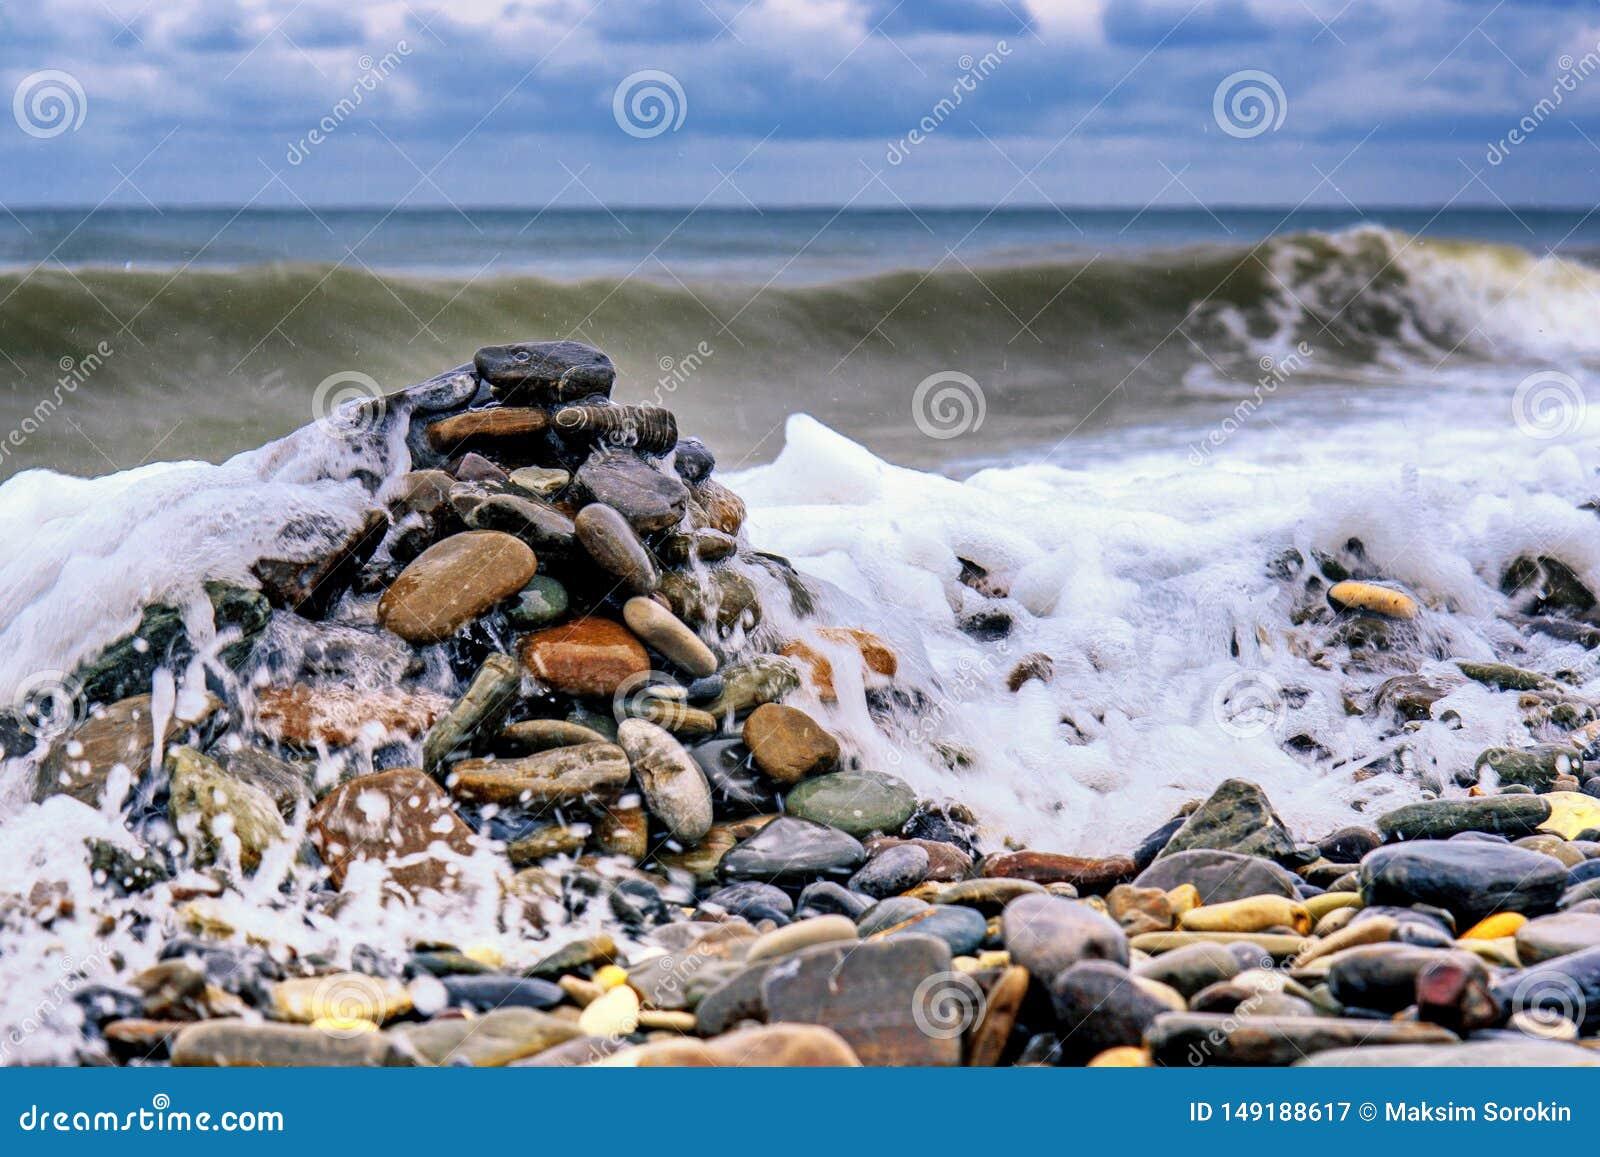 Stenen op de kust tegen de achtergrond van overzeese golven